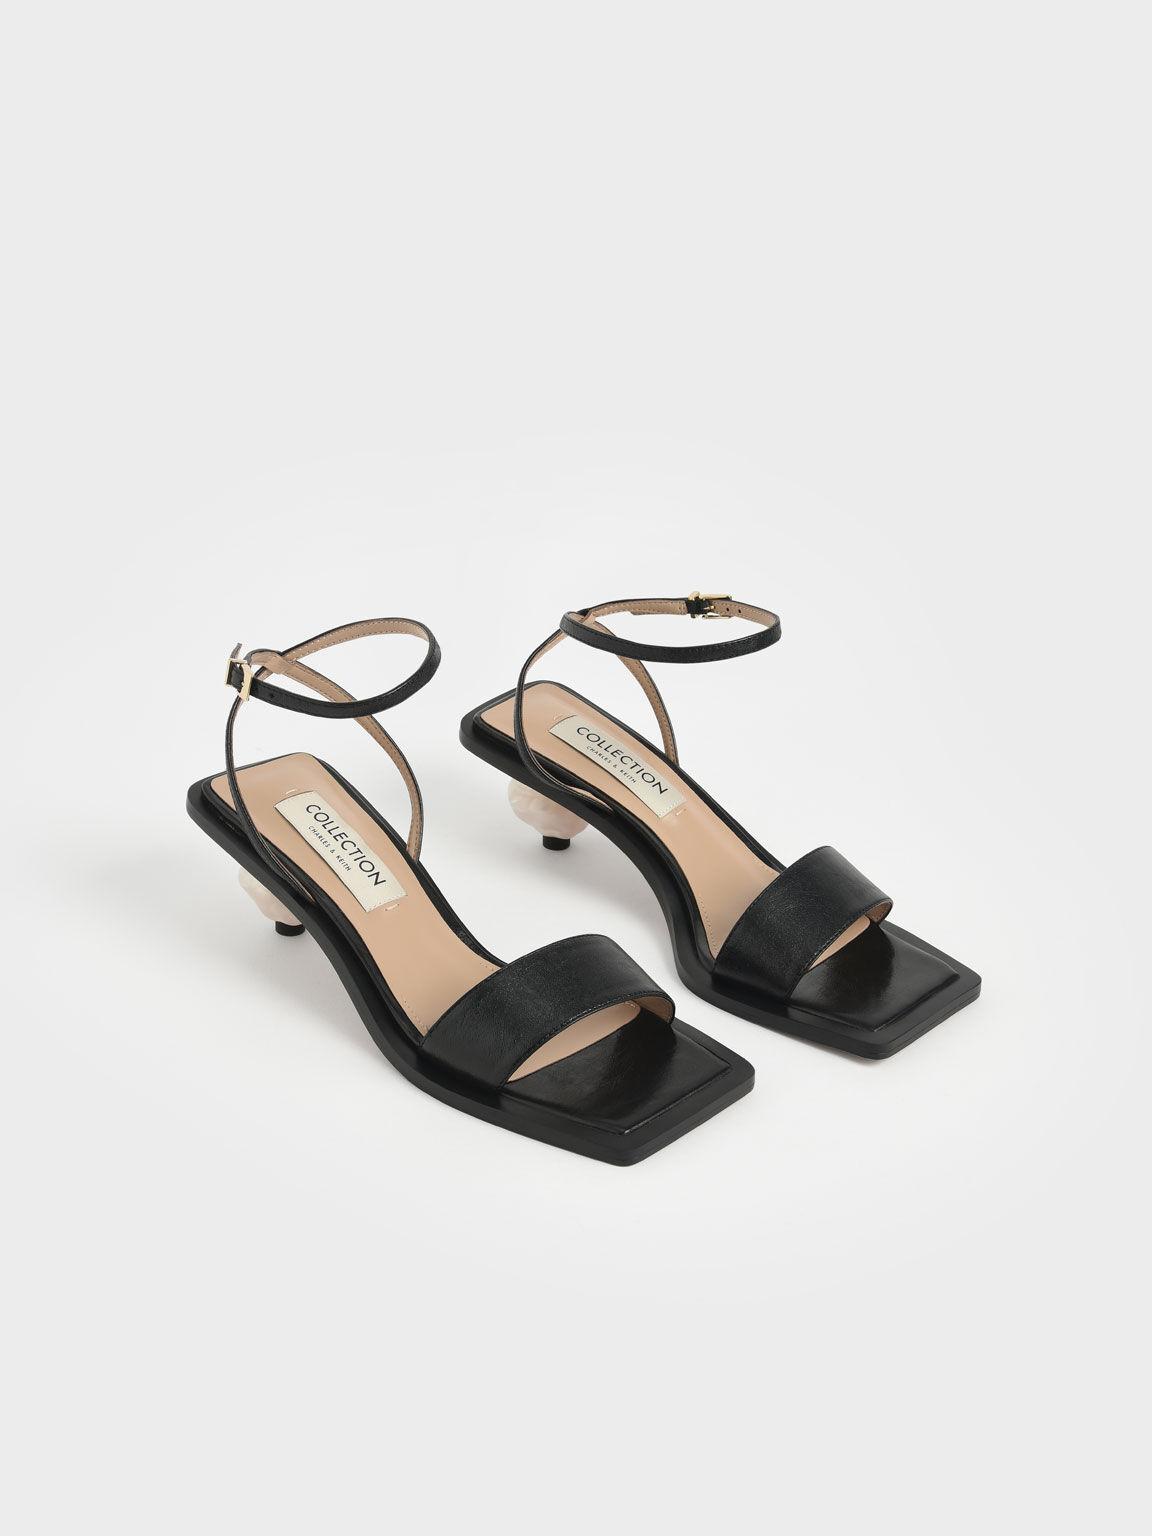 Sculptural Heel Sandals (Kid Leather), Black, hi-res